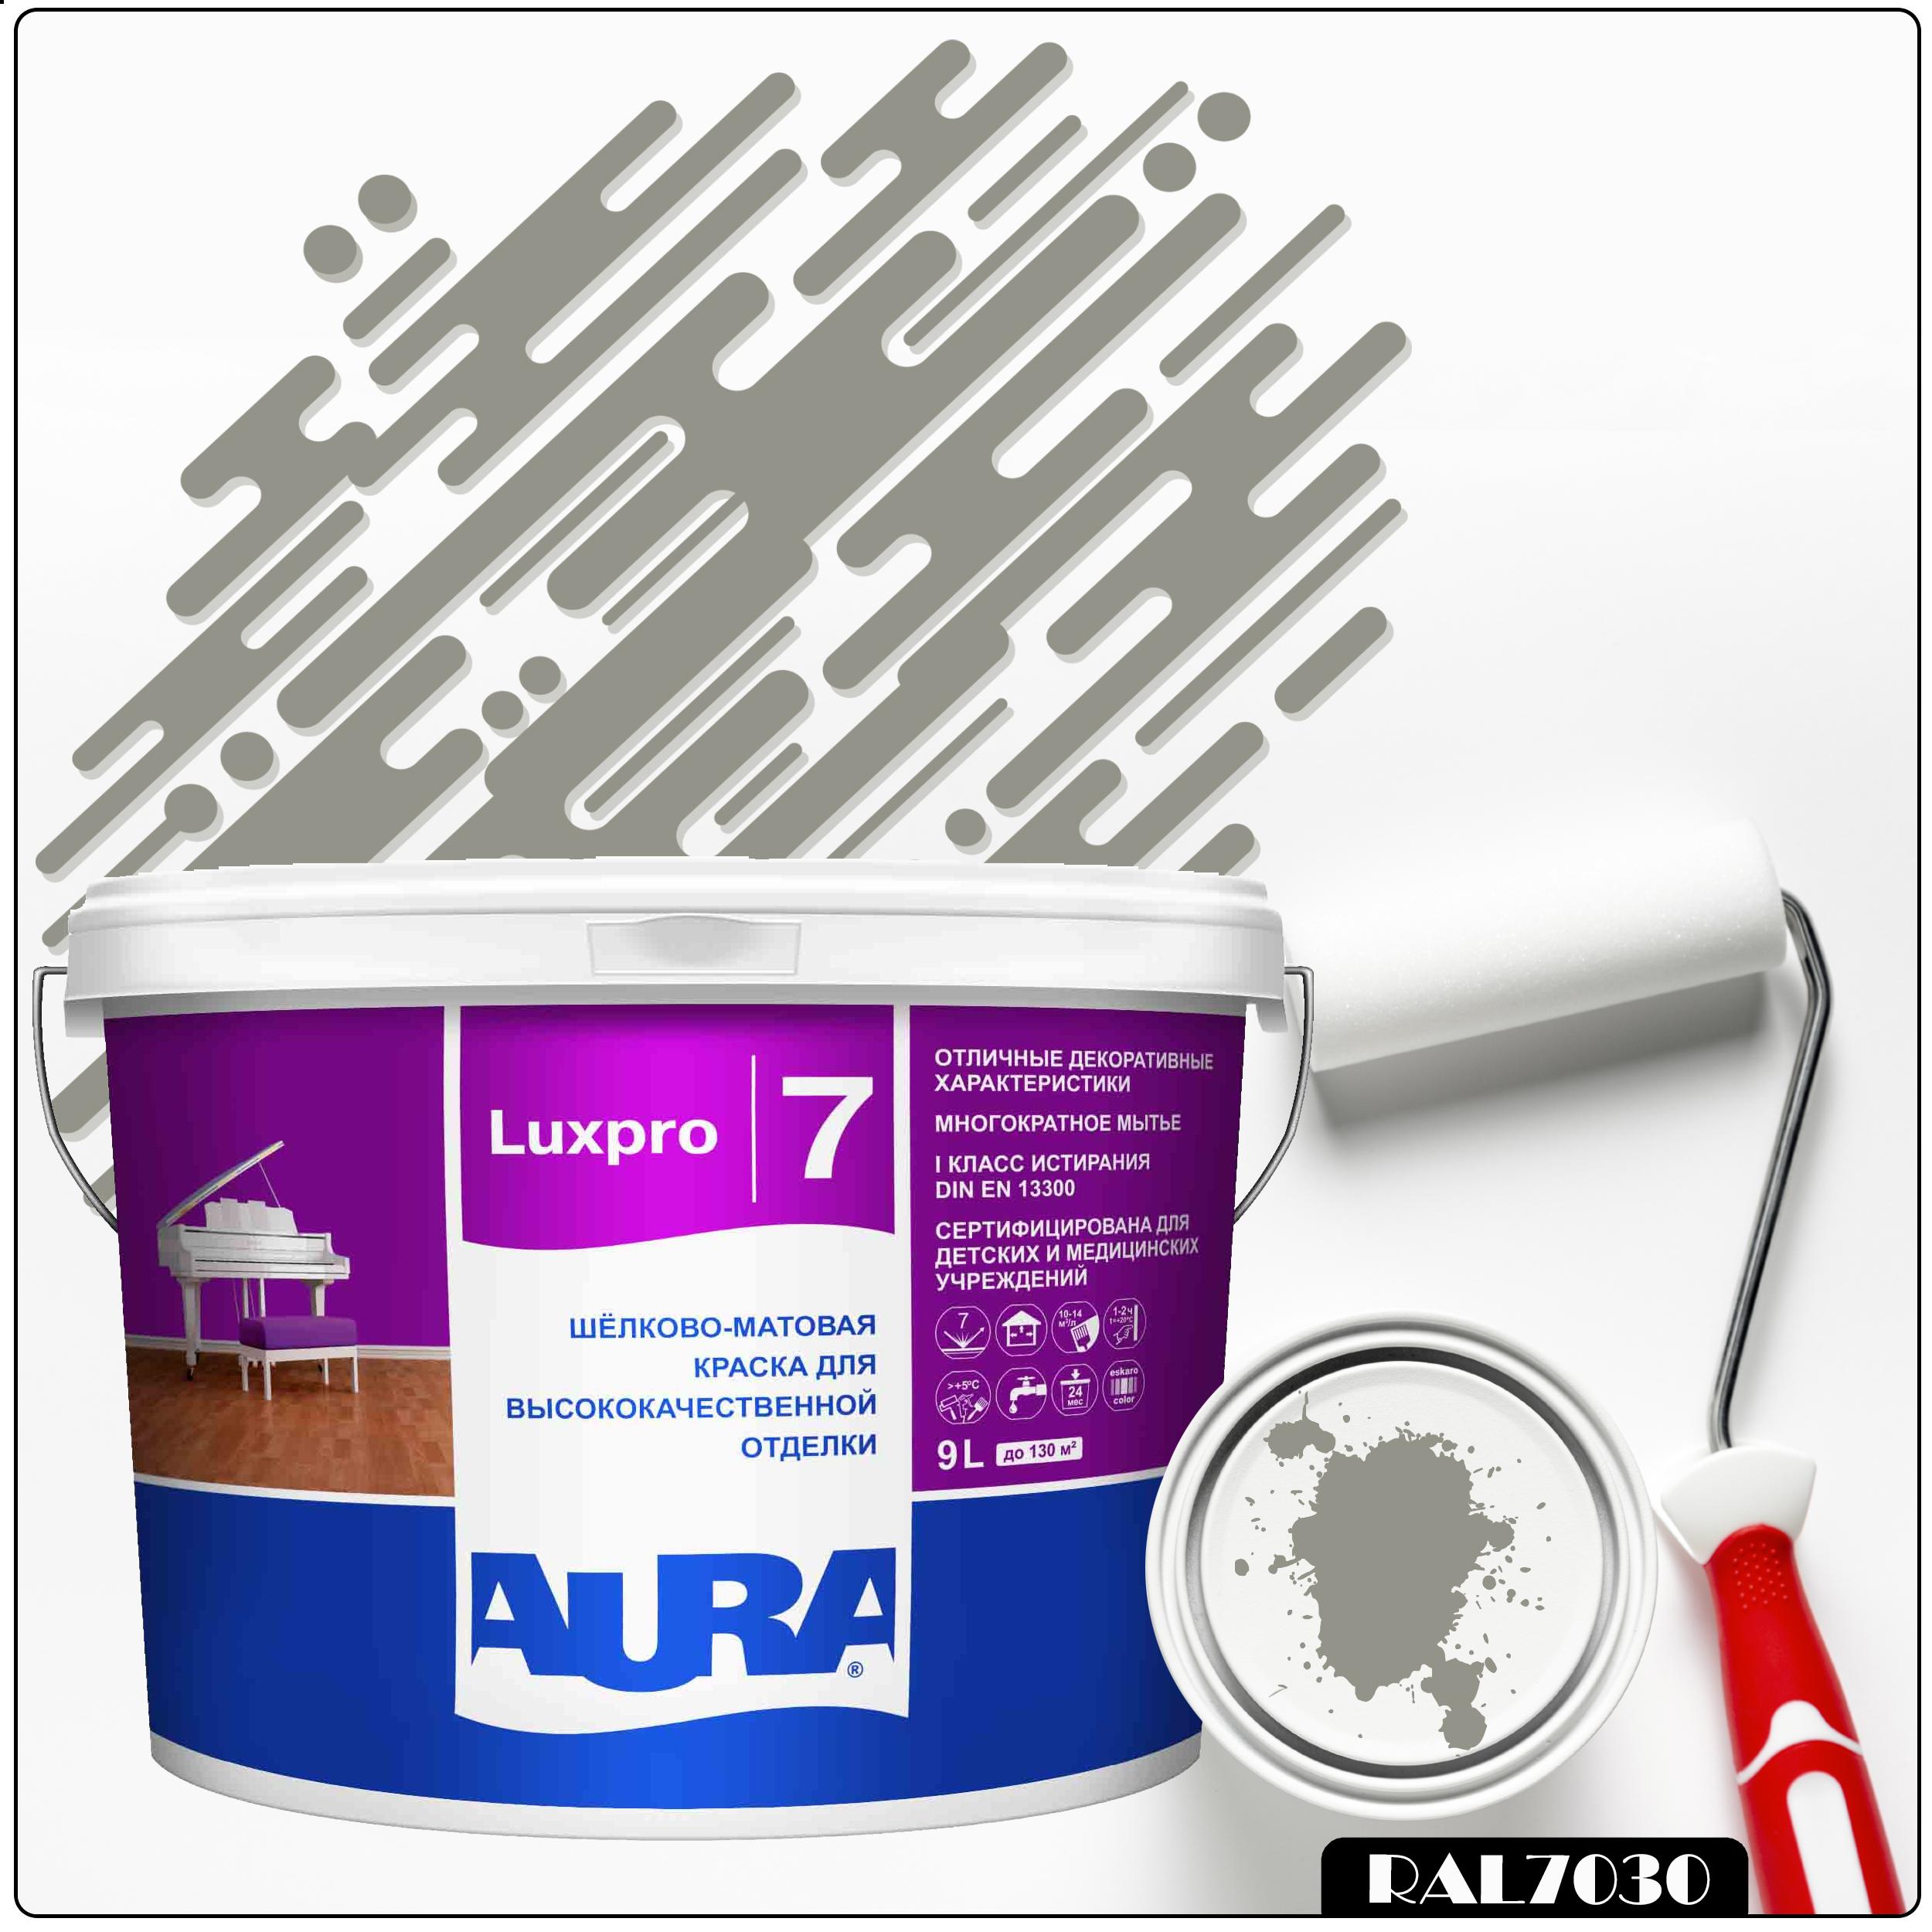 Фото 21 - Краска Aura LuxPRO 7, RAL 7030 Серый камень, латексная, шелково-матовая, интерьерная, 9л, Аура.